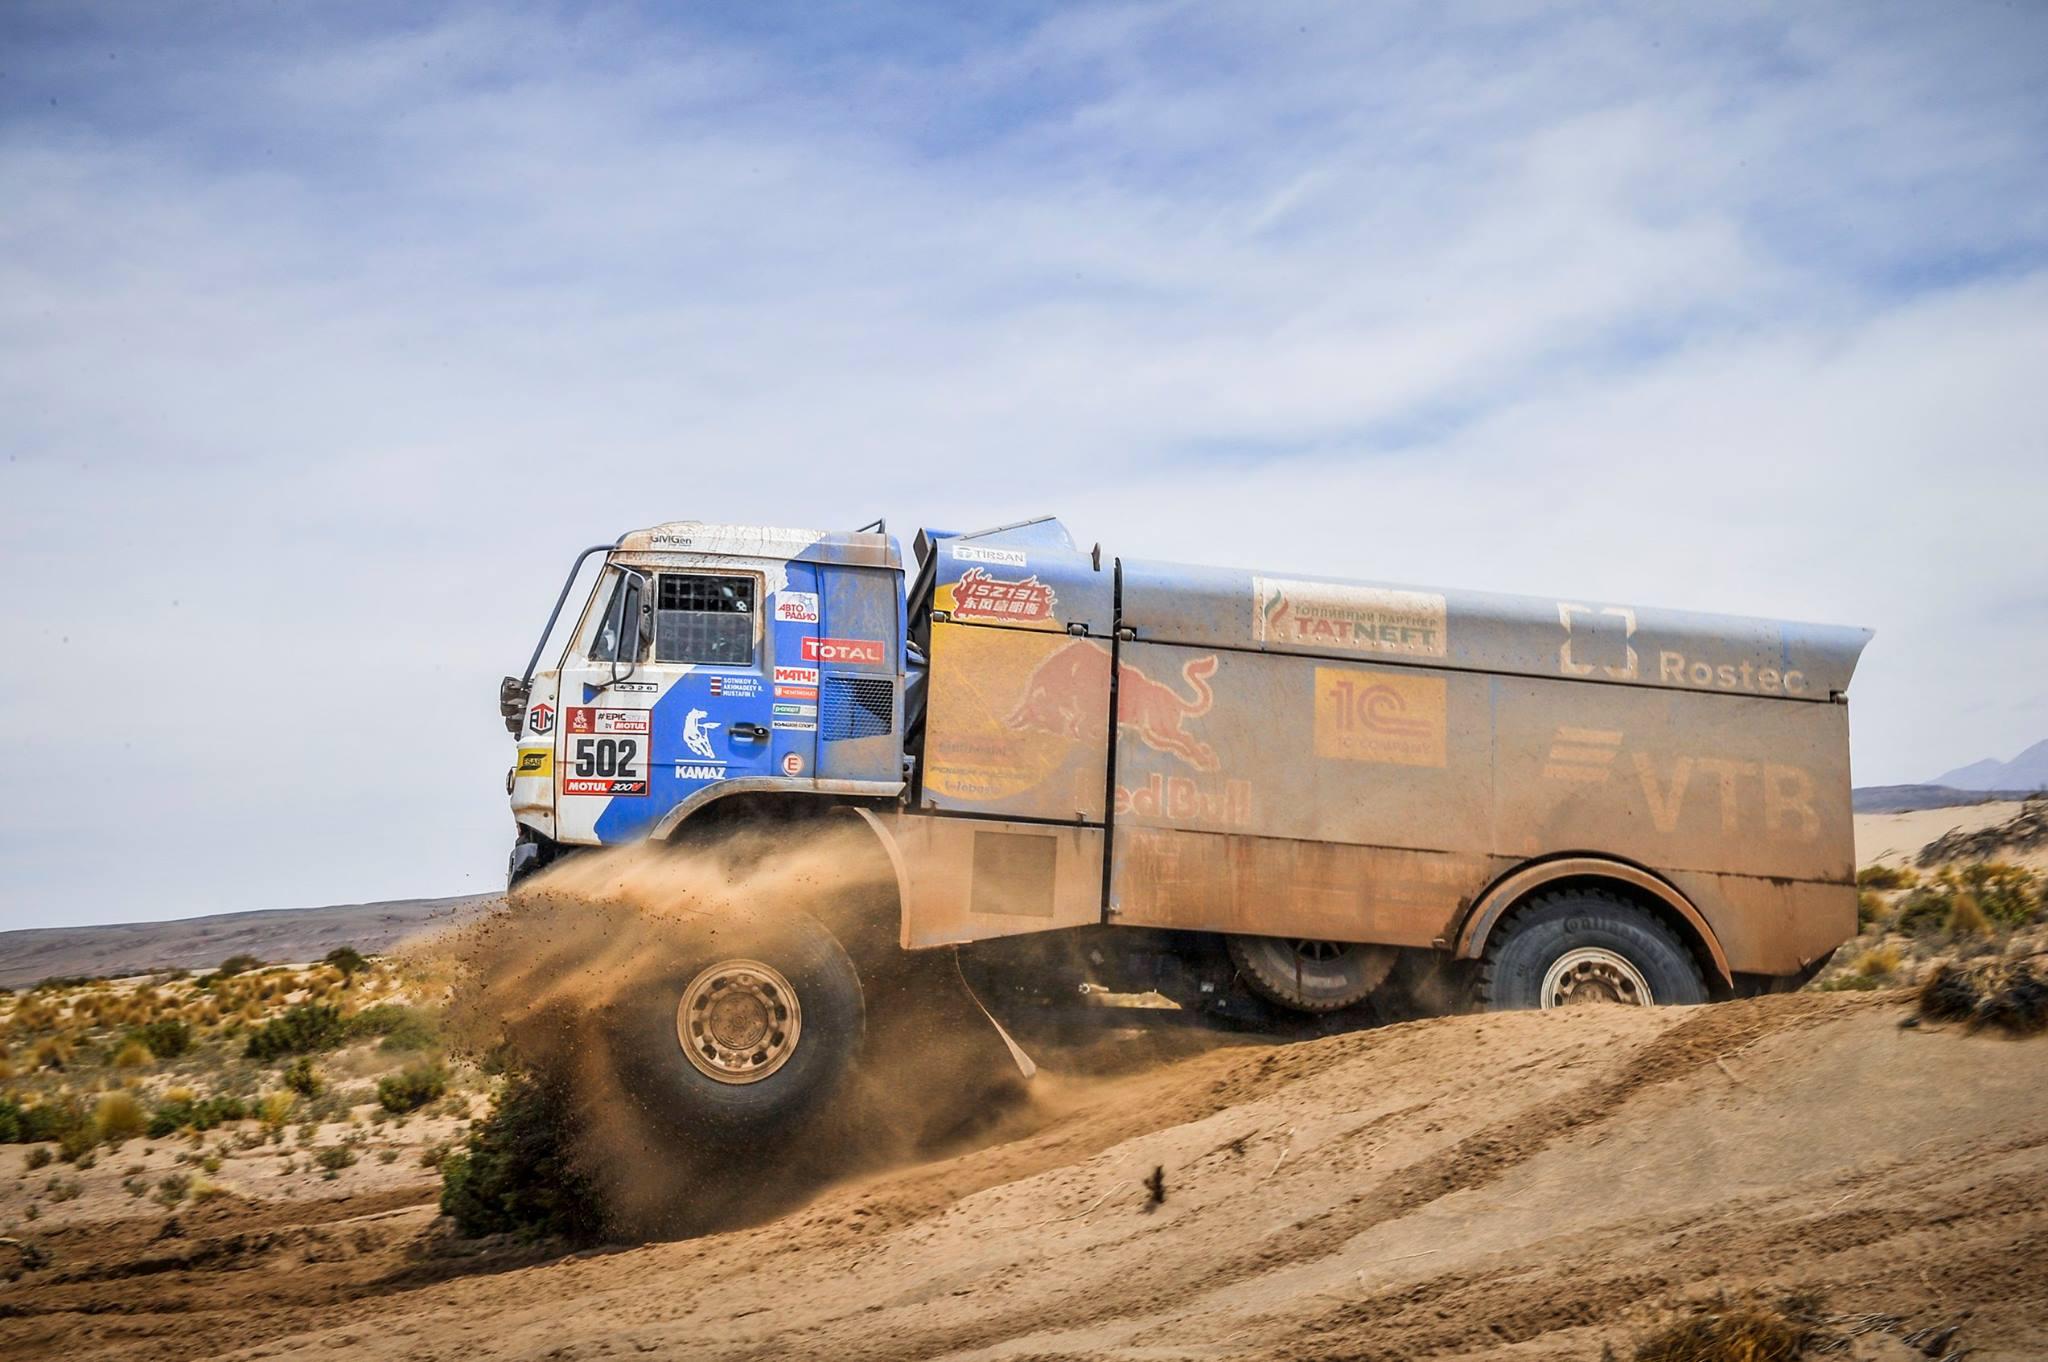 Rally Dakar 2018 Day 8 (16)